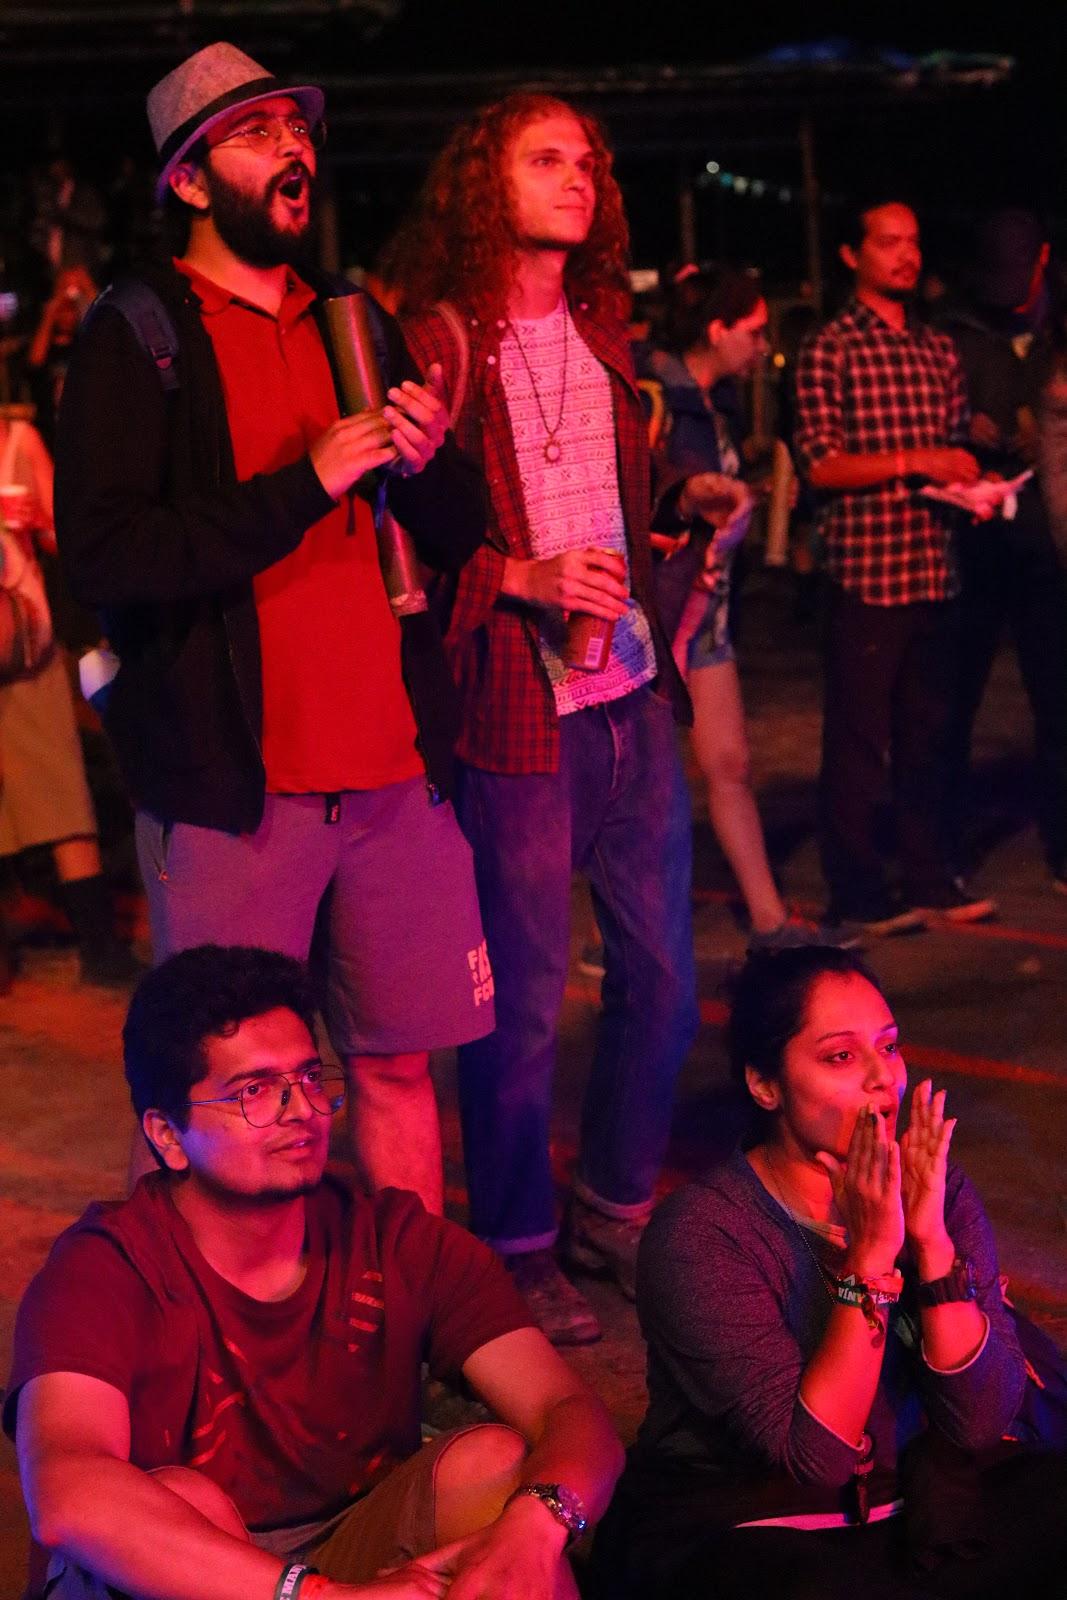 Ziro Music Festival, Ziro, Arunachal Pardesh, North East